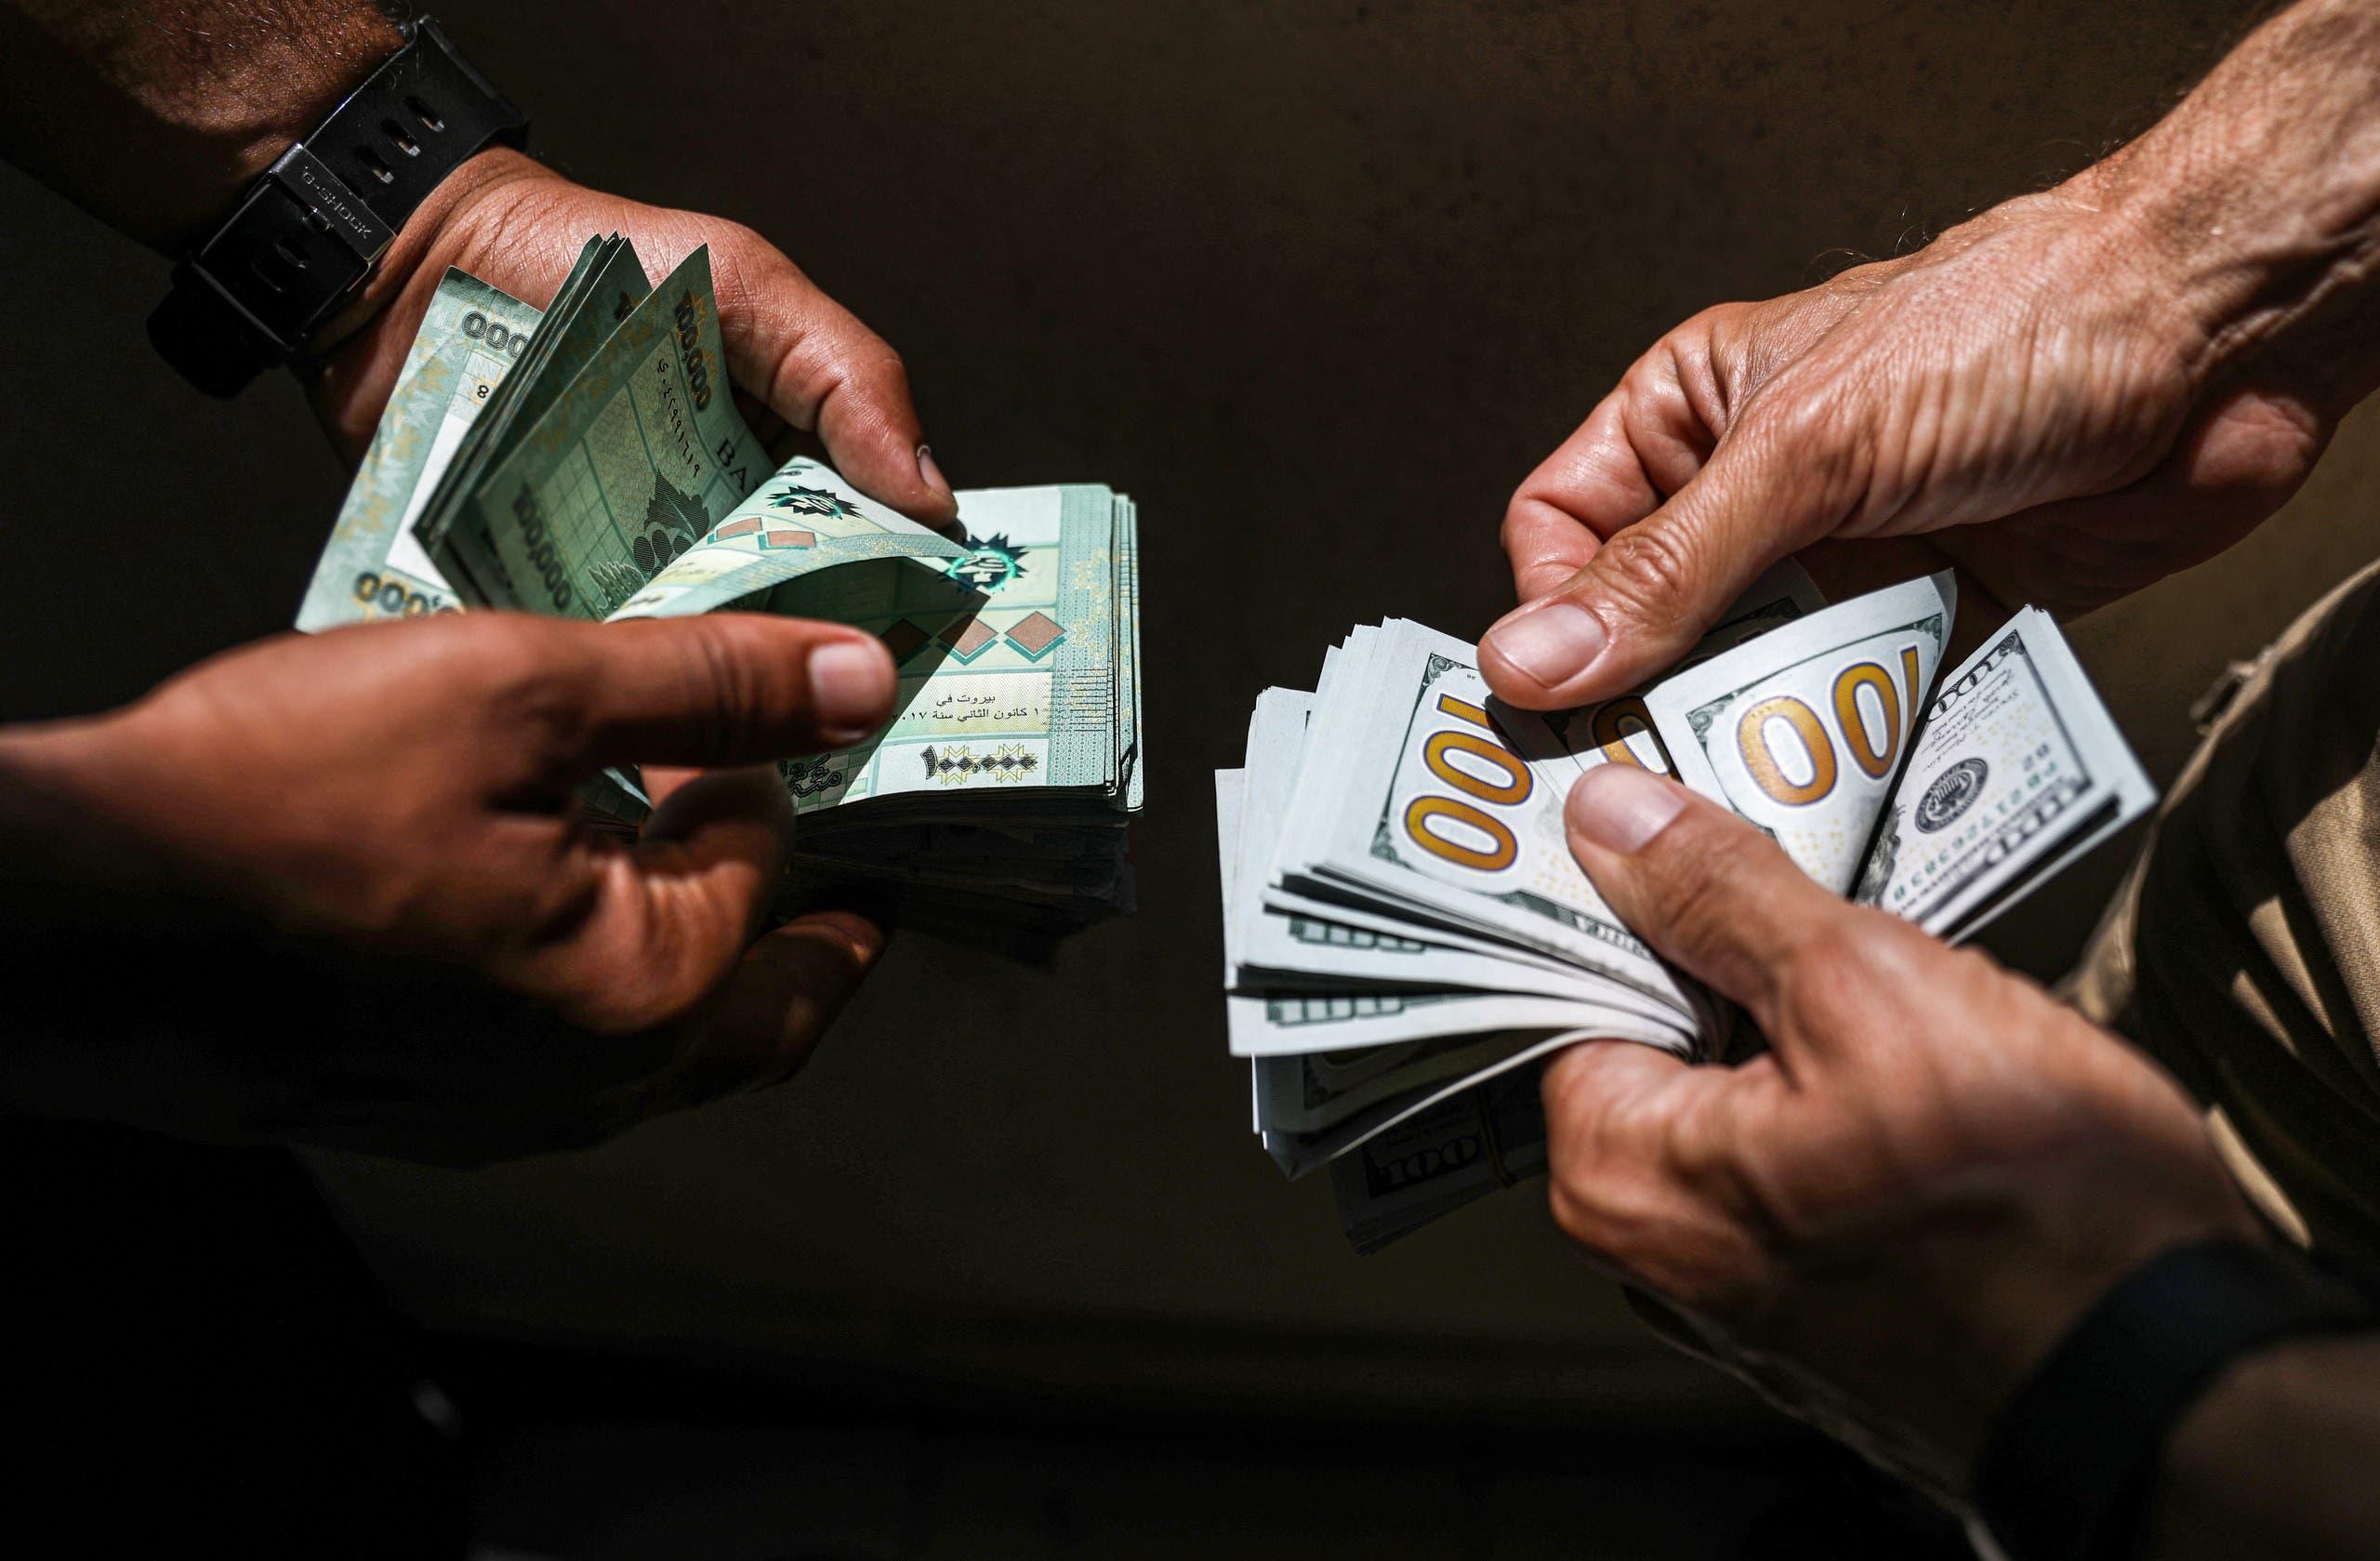 الدولار والأزمة الاقتصادية في لبنان (أرشيفية- فرانس برس)